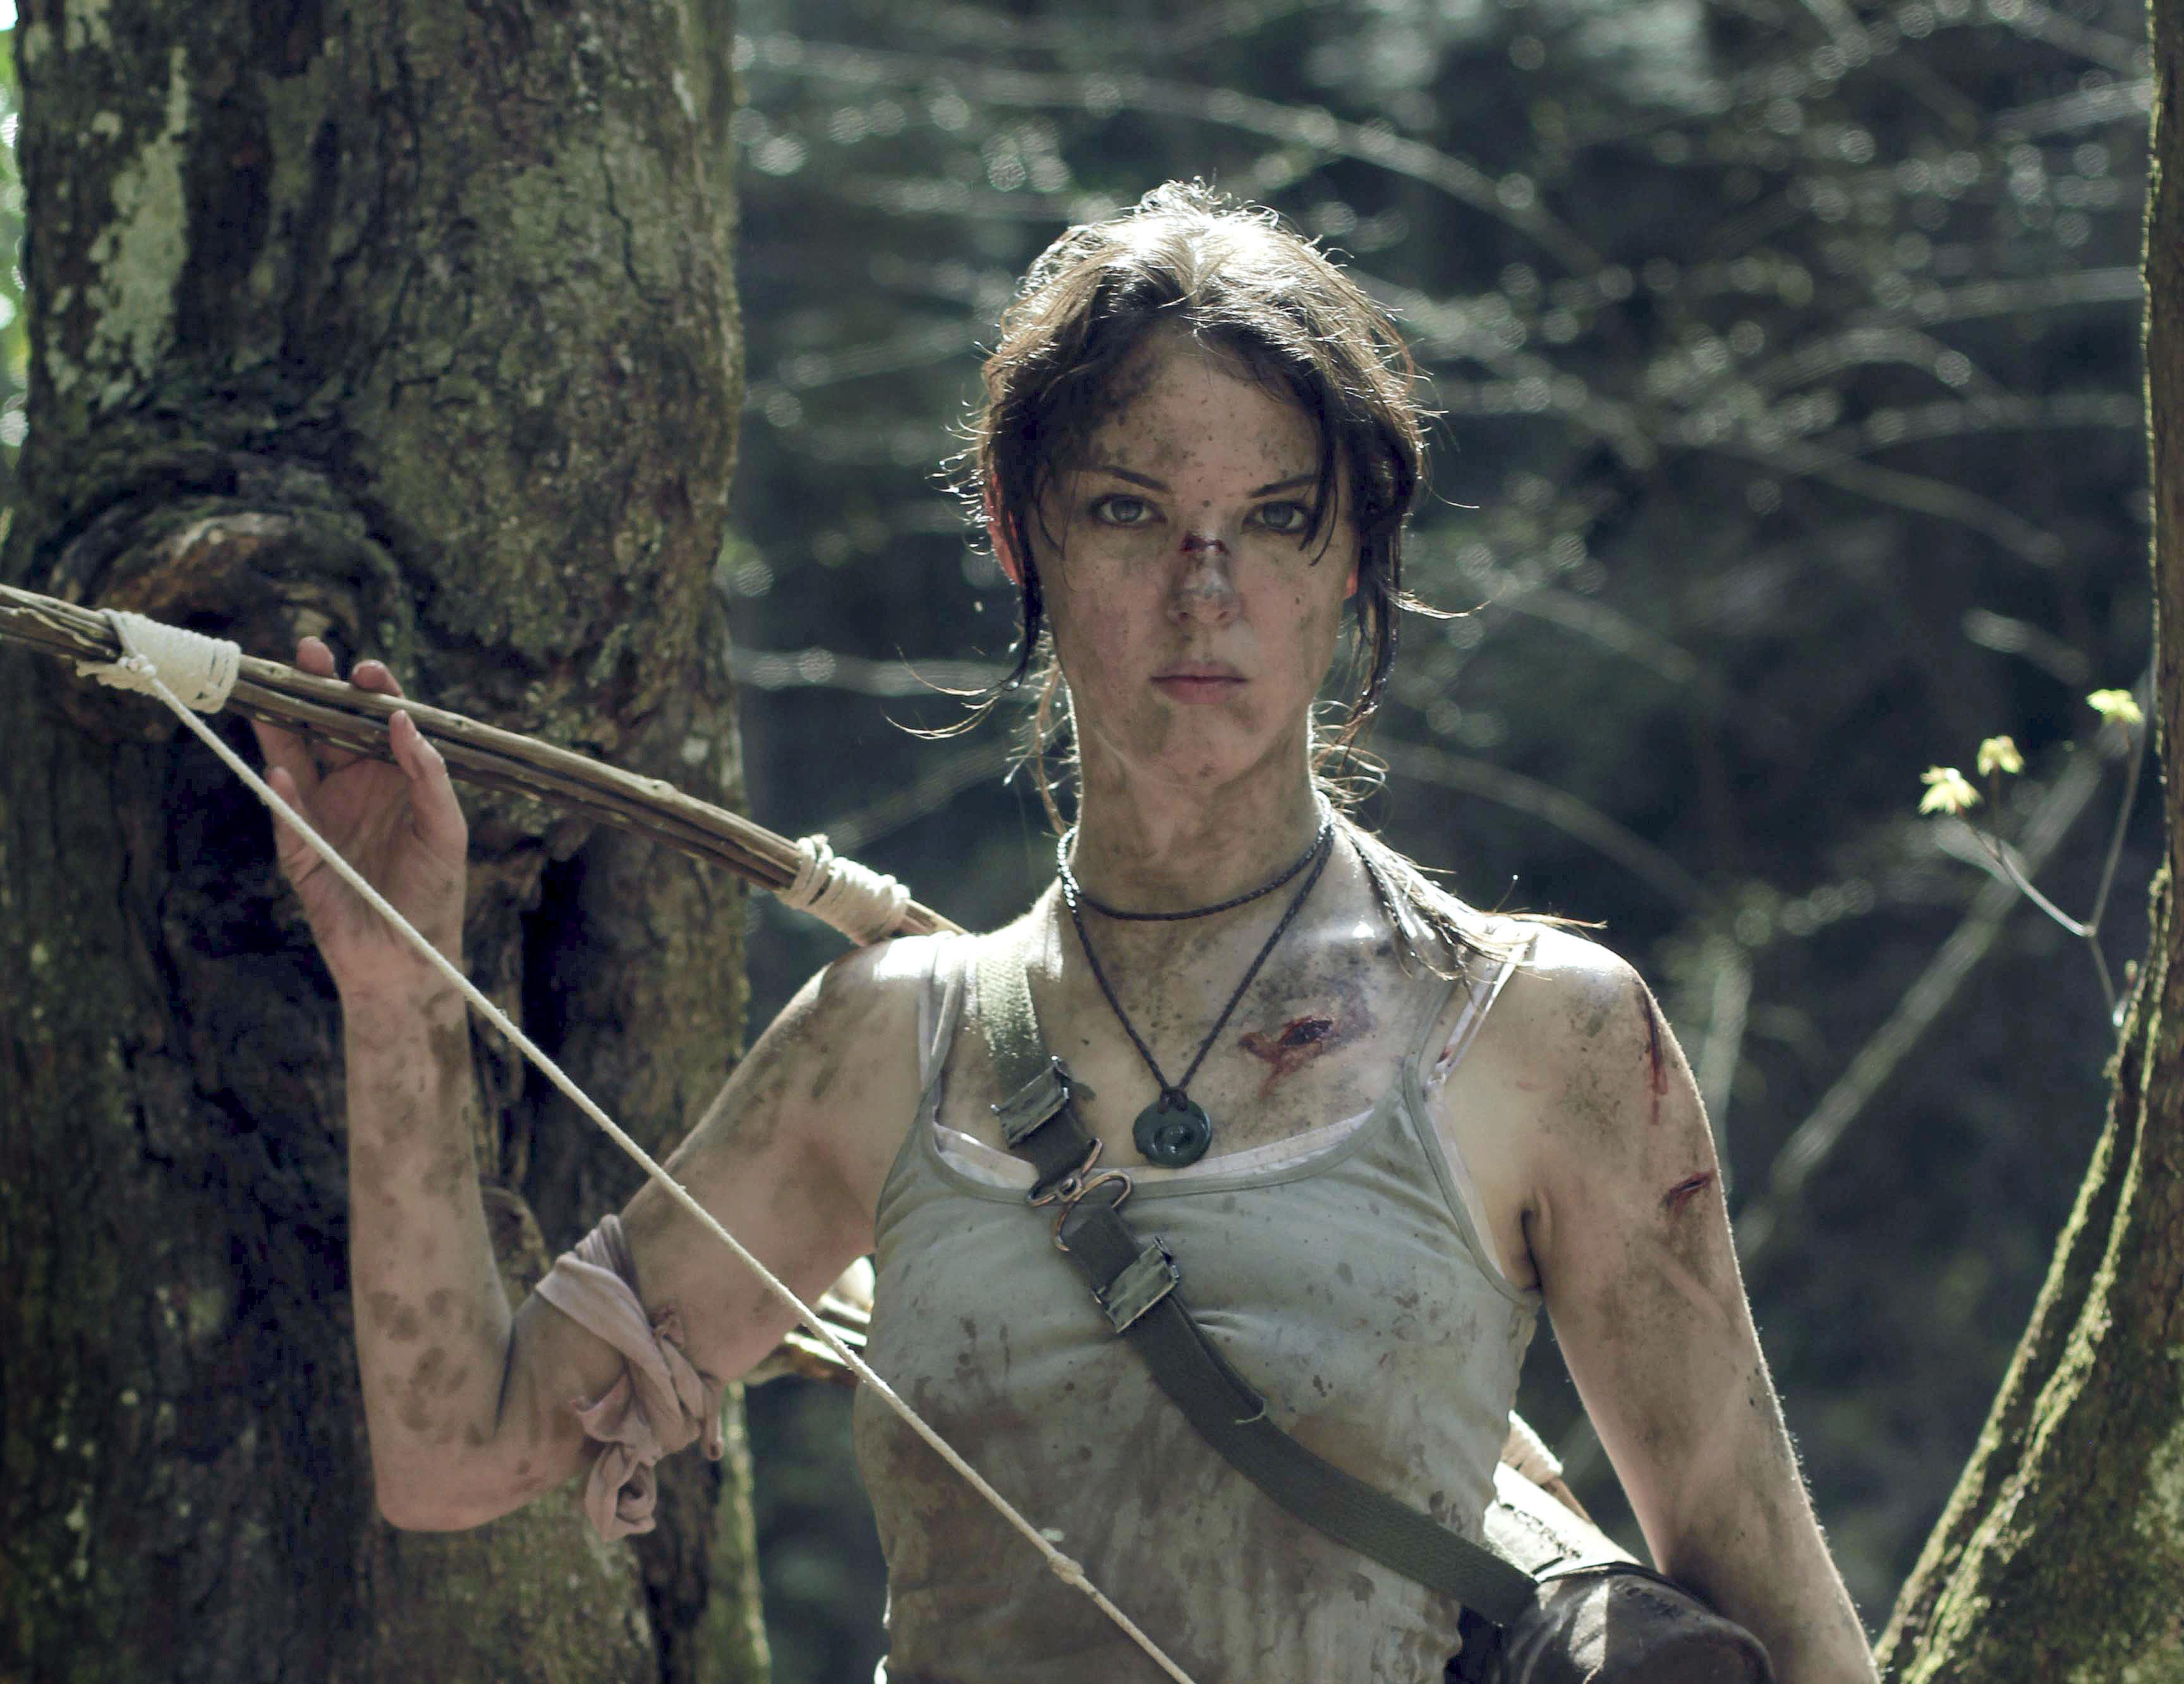 3840x2160 Lara Croft Tomb Raider Artwork 4k Hd 4k: Tomb Raider Lara Croft Cosplay 4k, HD Girls, 4k Wallpapers